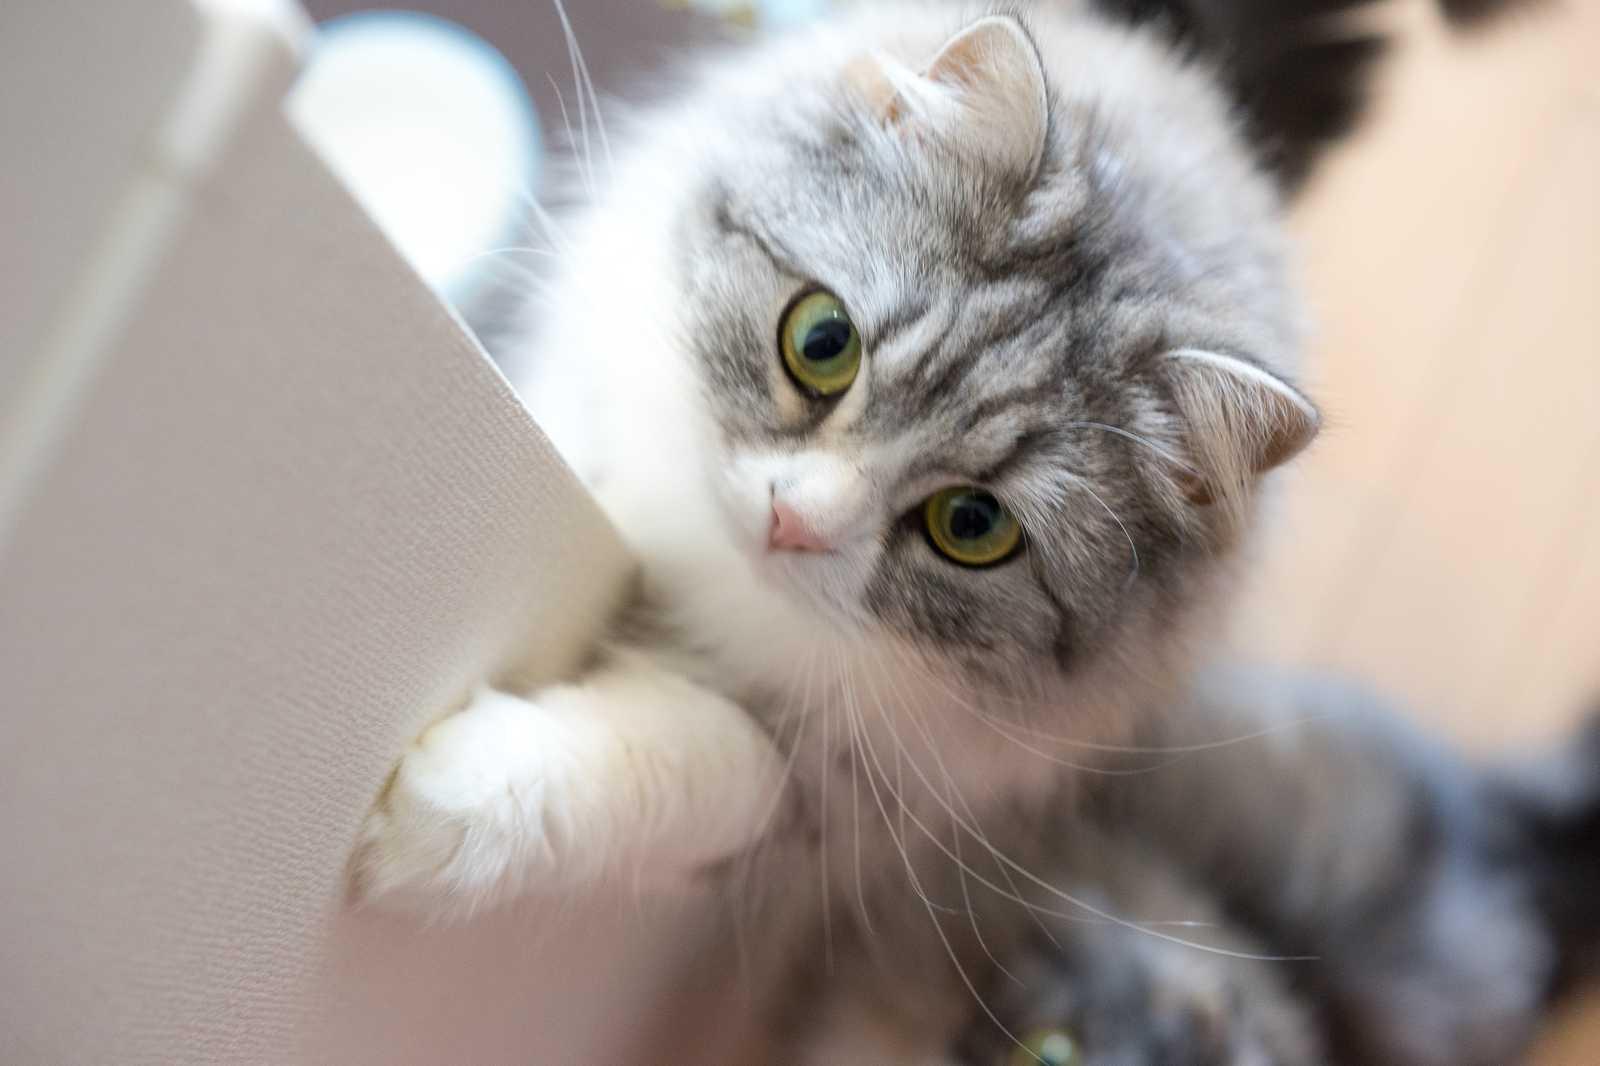 【猫の慢性下痢&嘔吐】悪性リンパ腫とIBD(炎症性腸疾患)について